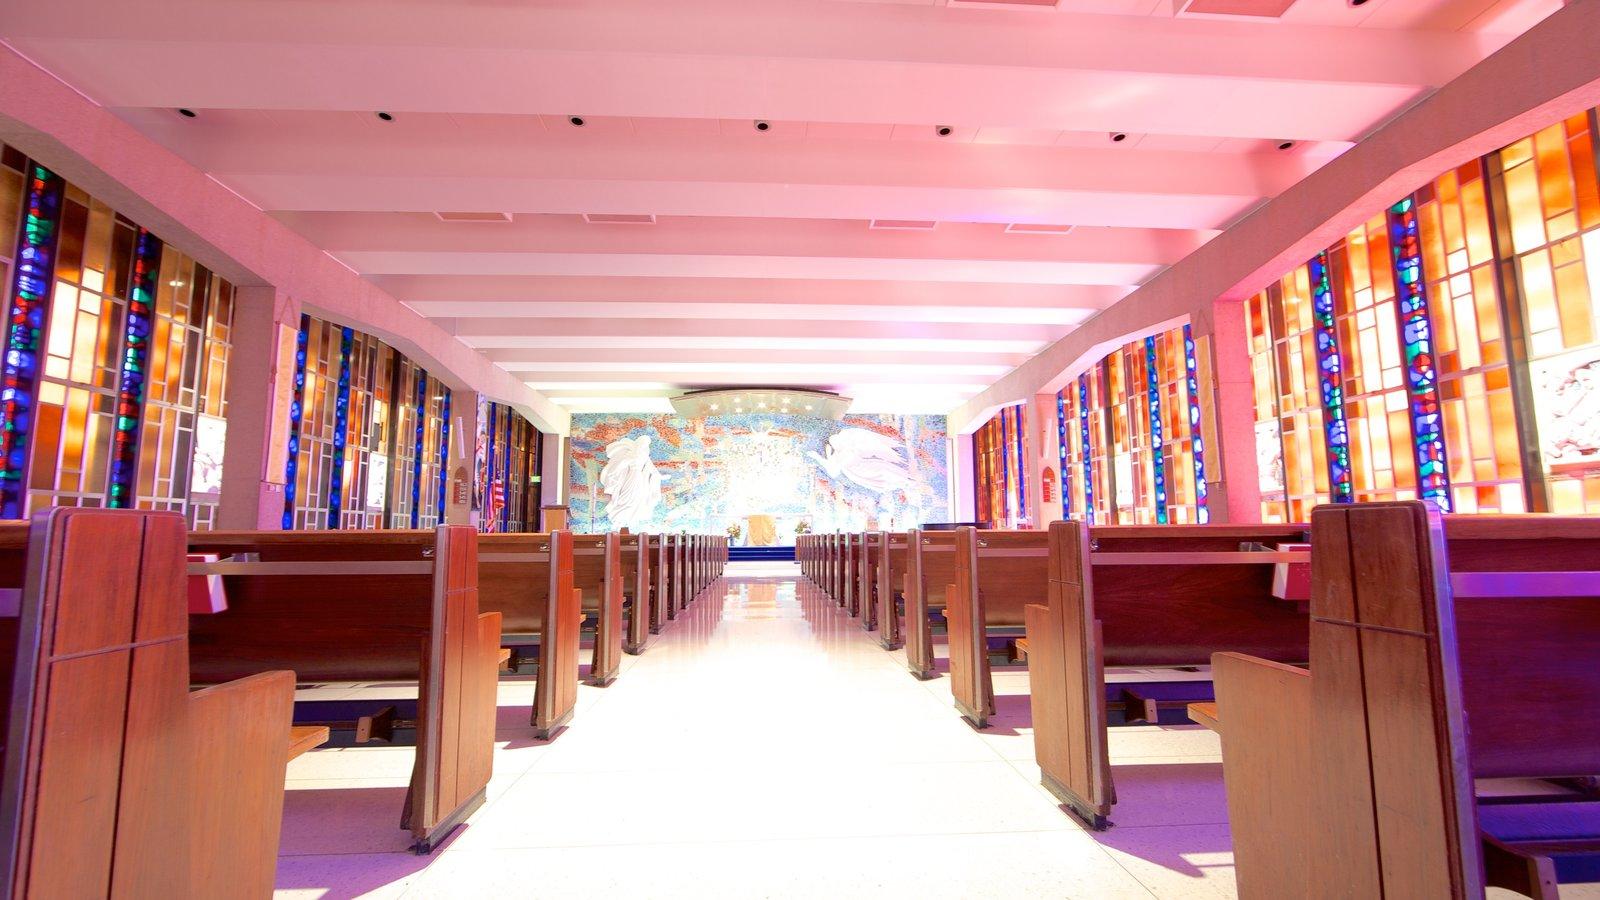 US Air Force Academy caracterizando arquitetura moderna, uma igreja ou catedral e vistas internas